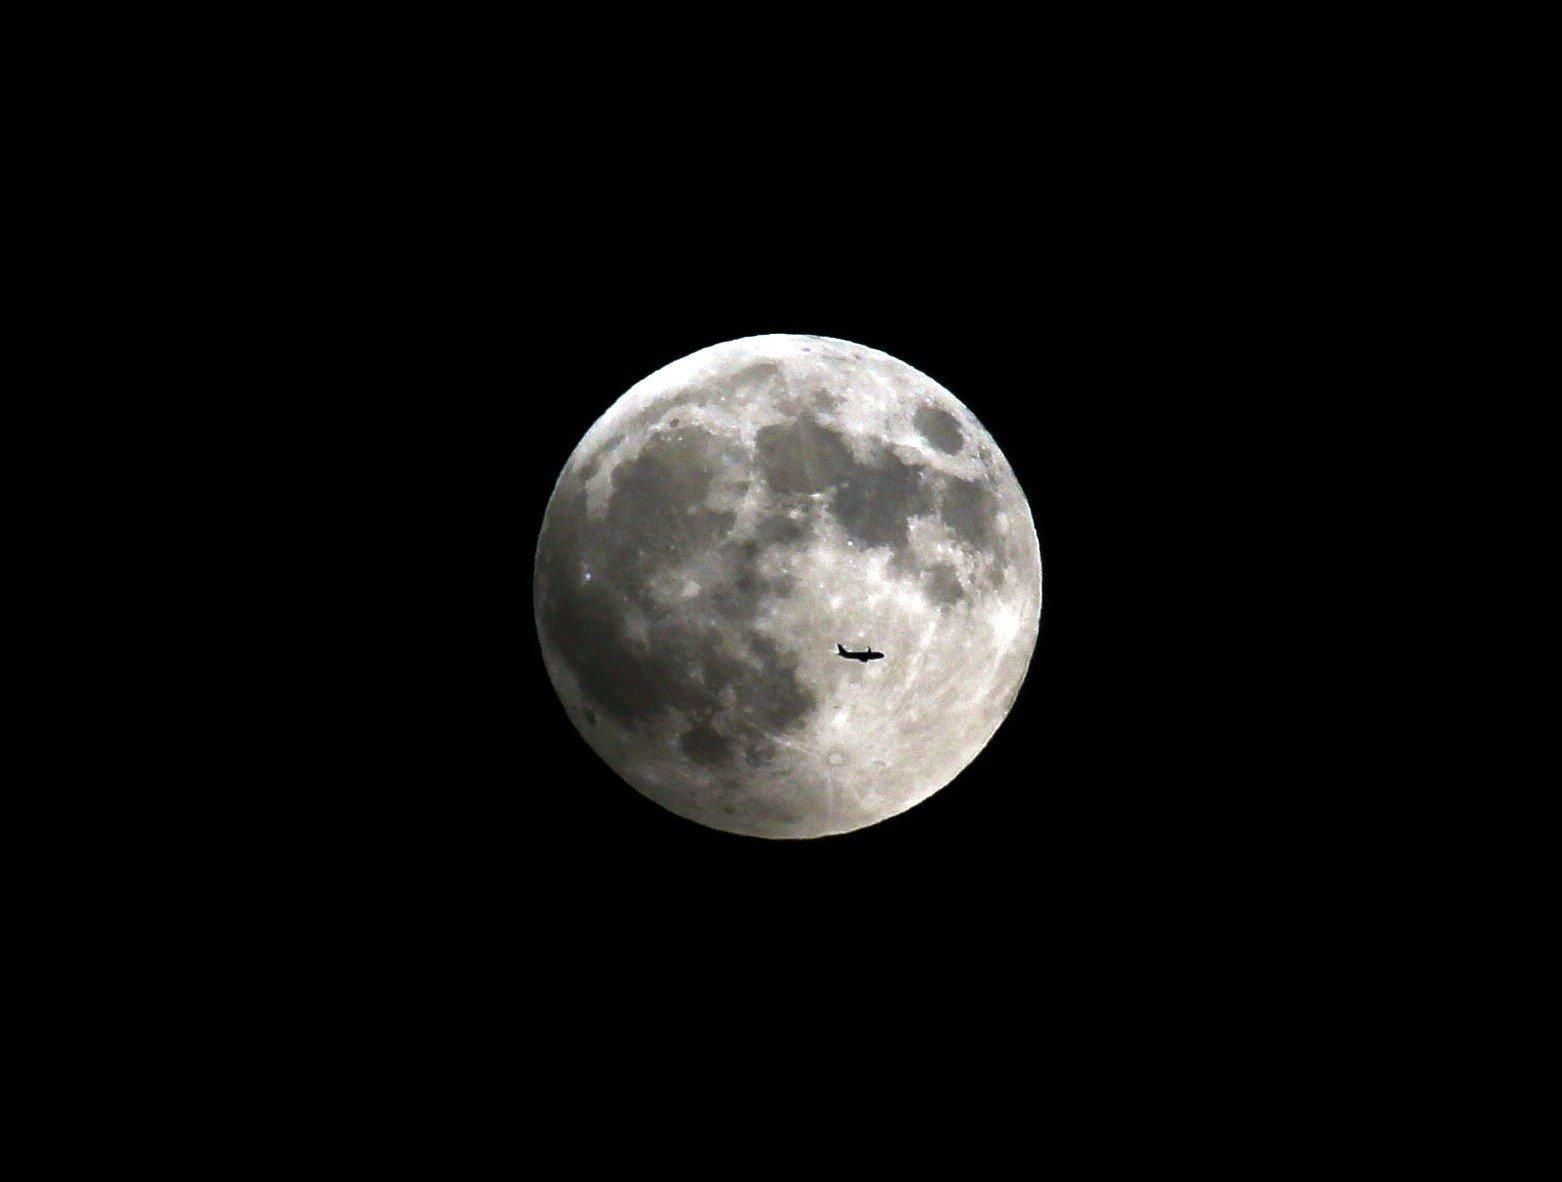 추석 당일 전국에 보름달이